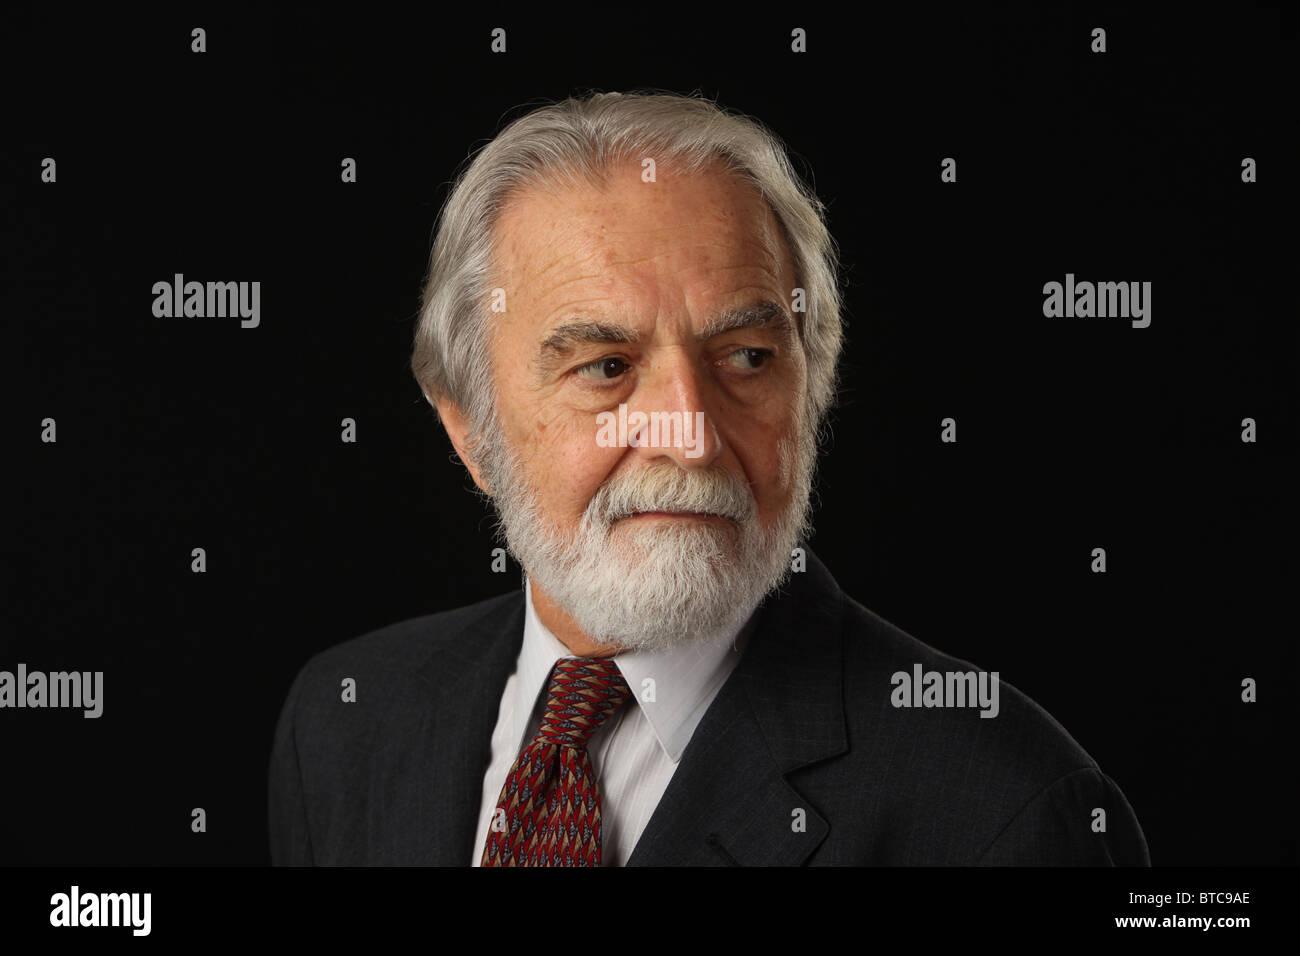 Porträt des bärtigen und grauen Haaren senior Geschäftsmann in Anzug und Krawatte, Studio gedreht, Stockbild